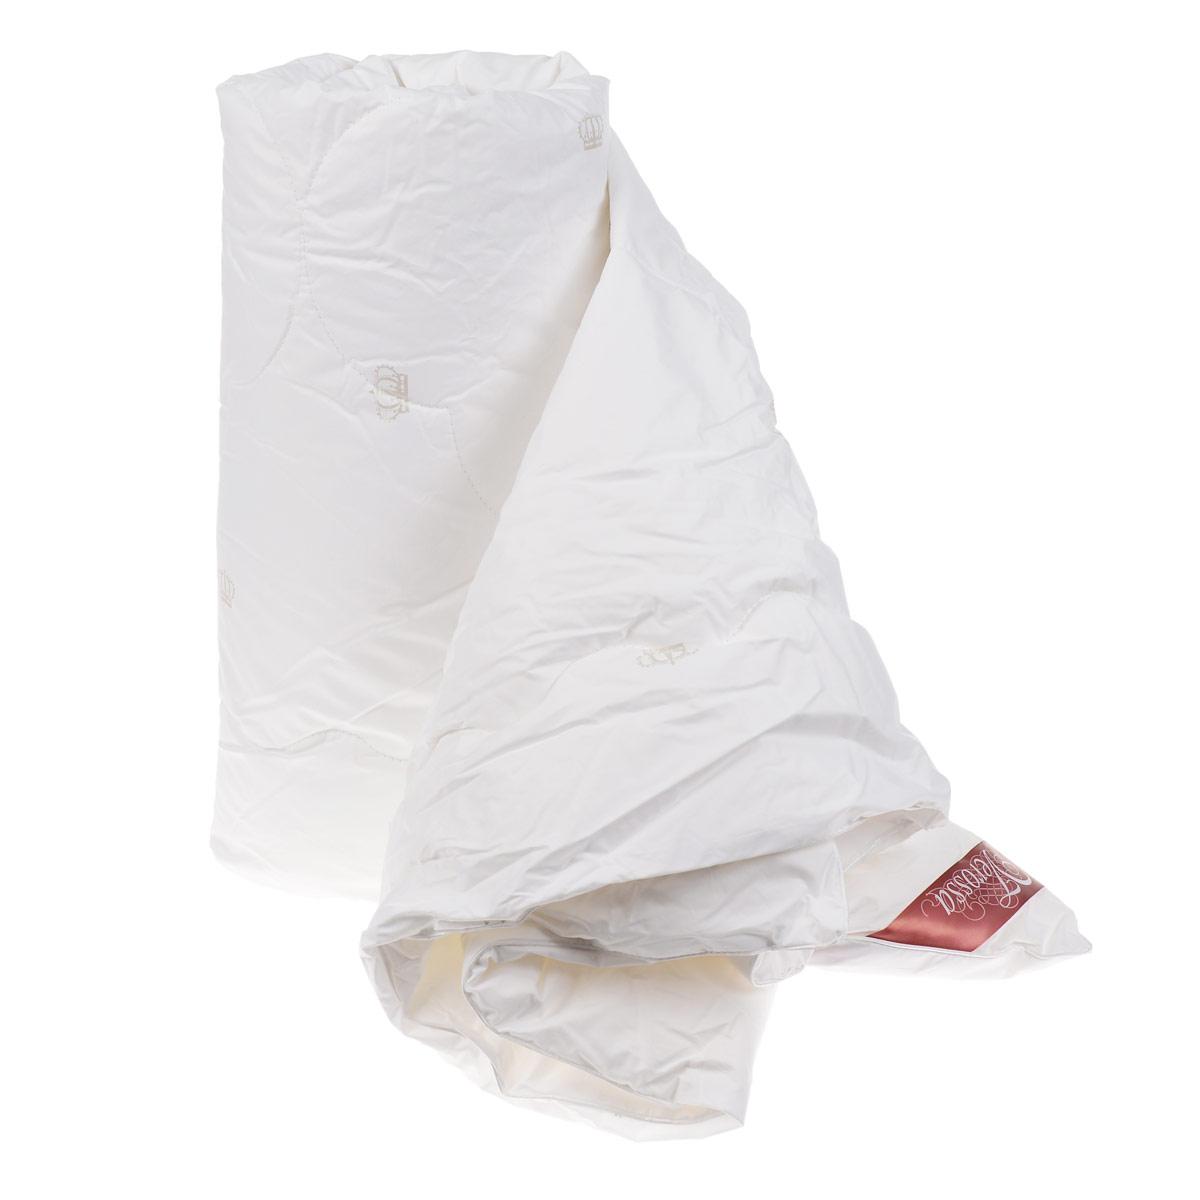 Одеяло Verossa, наполнитель: лебяжий пух, цвет: белый, 172 х 205 смCLP446Одеяло Verossa - стильная и комфортная постельная принадлежность, которая подарит уют и позволит окунуться в здоровый и спокойный сон. Чехол одеяла выполнен из перкаля пуходержащего (100% хлопка). Внутри - наполнитель из искусственного лебяжьего пуха, который является аналогом натурального пуха и представляет собой сверхтонкое волокно нового поколения. Благодаря этому одеяло очень мягкое и легкое, не накапливает пыль и запахи. Важным преимуществом является гипоаллергенность наполнителя, поэтому одеяло отлично подходит как взрослым, так и детям. Легкое и объемное, оно имеет среднюю степень теплоты и отличную терморегуляцию: под ним будет тепло зимой и не жарко летом. Одеяло просто в уходе, подходит для машинной стирки, быстро сохнет, отличается износостойкостью и практичностью. Материал чехла: перкаль пуходержащий (100% хлопок). Наполнитель: искусственный лебяжий пух (100% полиэстер). Плотность наполнителя: 150 г/м2. наполнитель-искуственный лебяжий пух, ткань верха-перкаль пуходержащий 100% хлопок